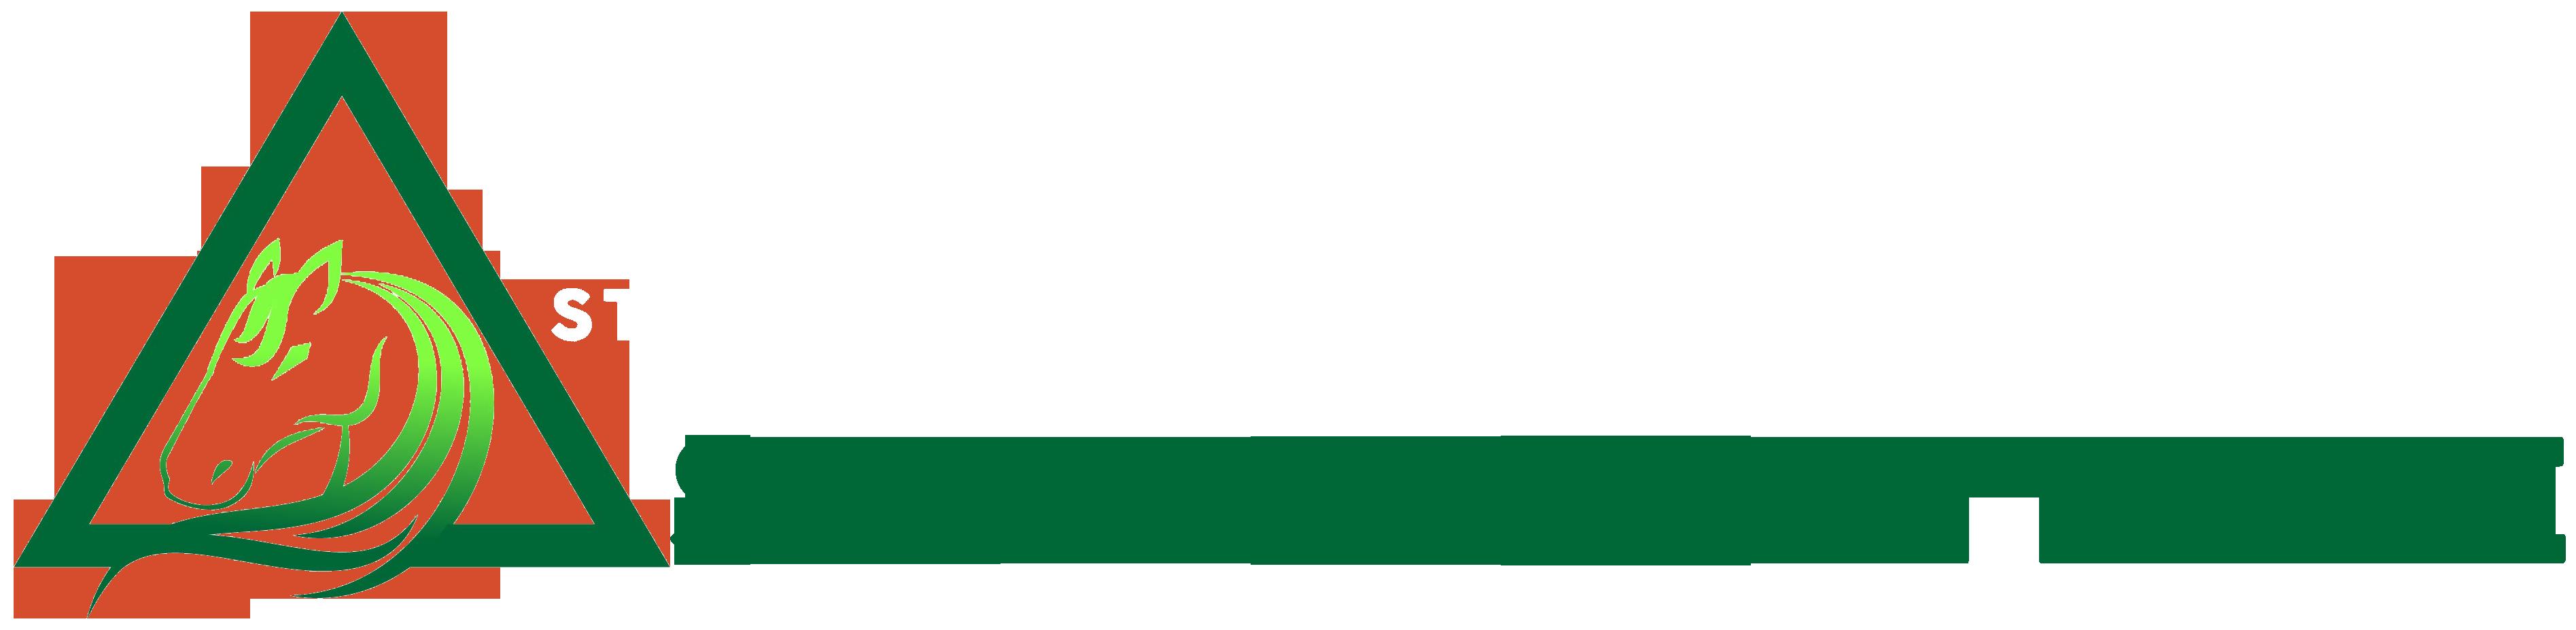 Stratagem Trade